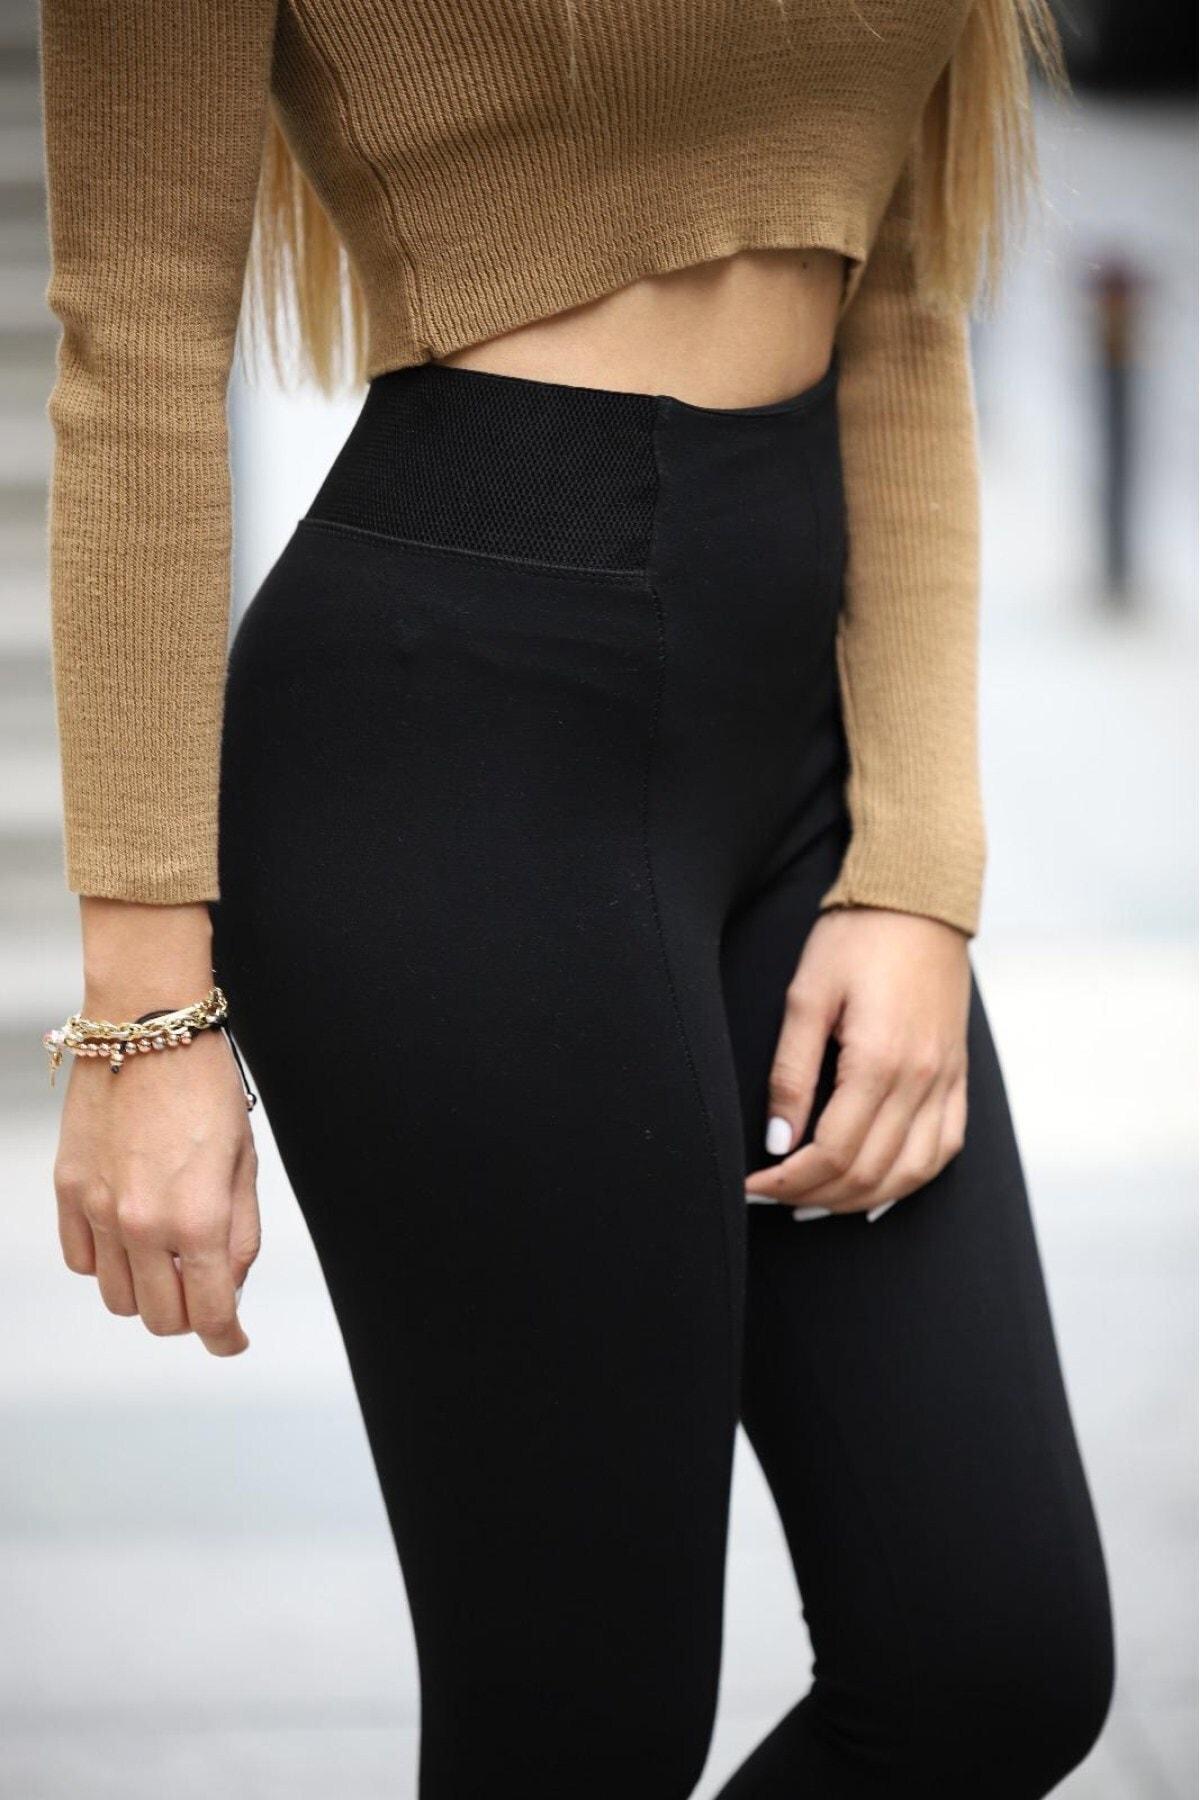 Grenj Fashion Siyah Kemerinde Geniş Lastik Detaylı Toparlayıcı Yüksek Bel Tayt 1